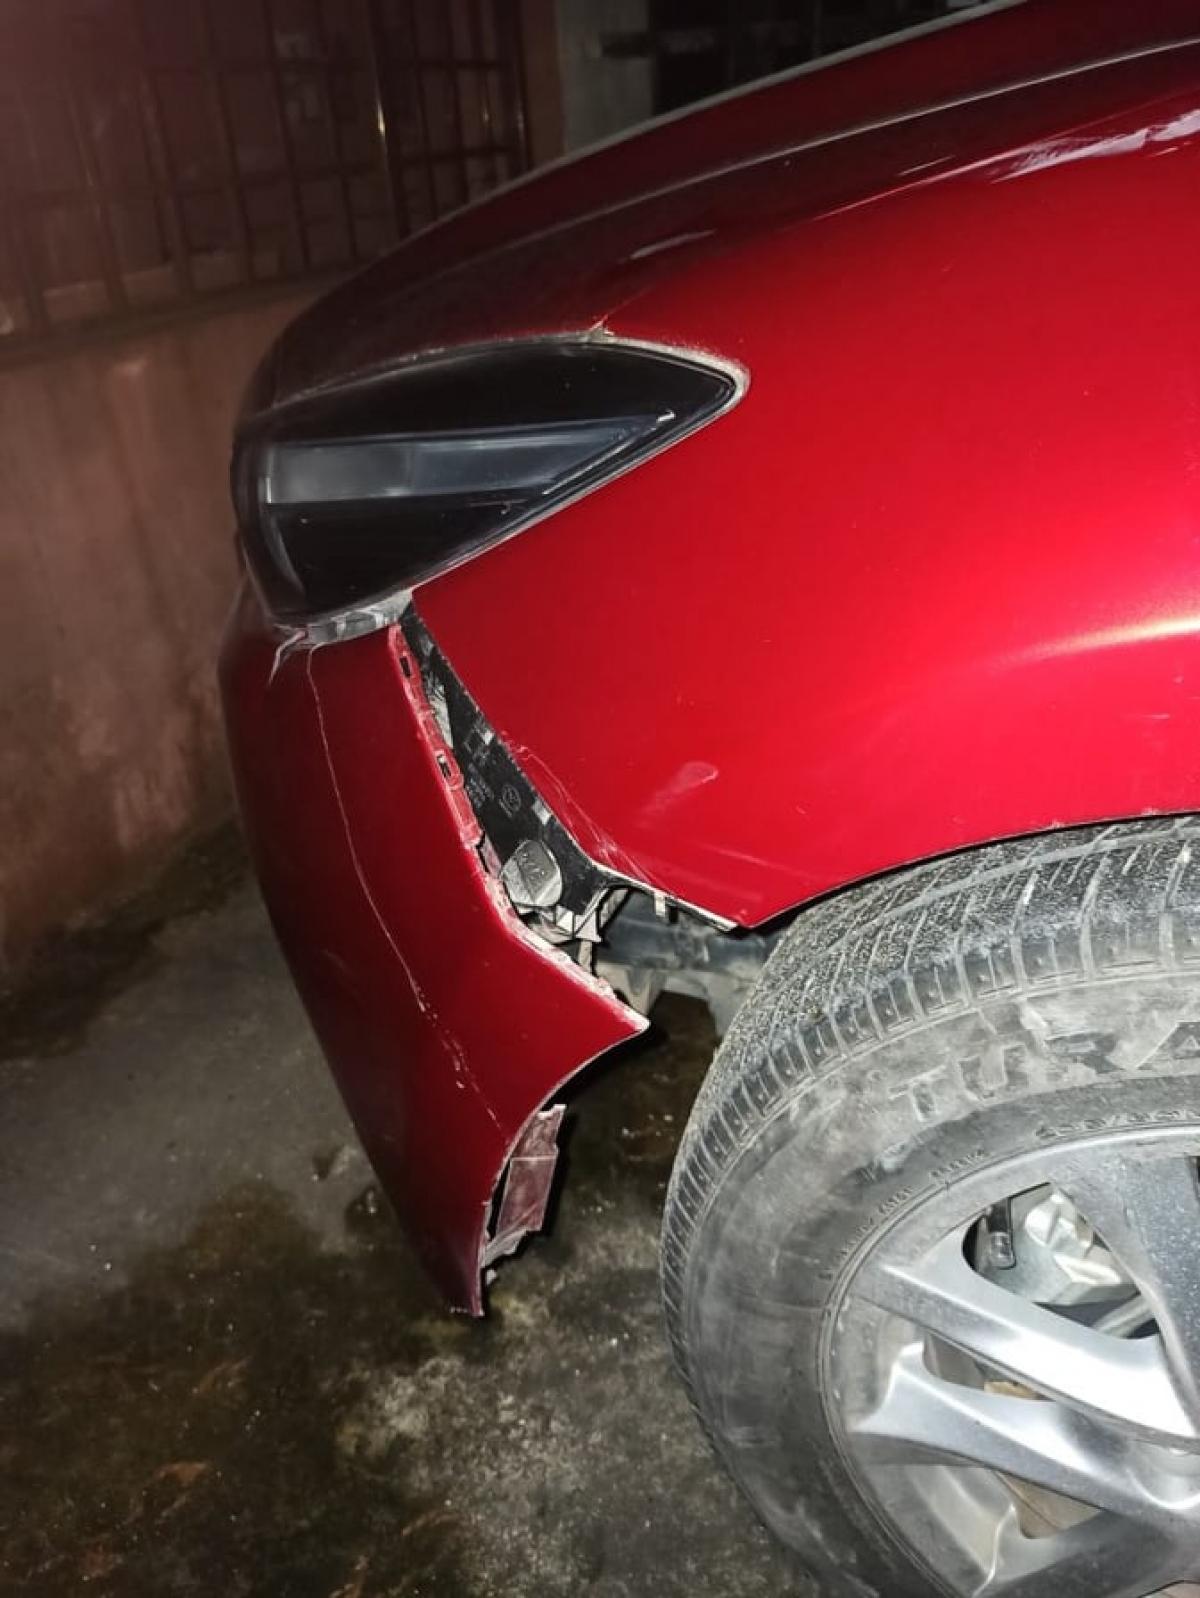 Vị trí va chạm, khiến chiếc xe hư hỏng.